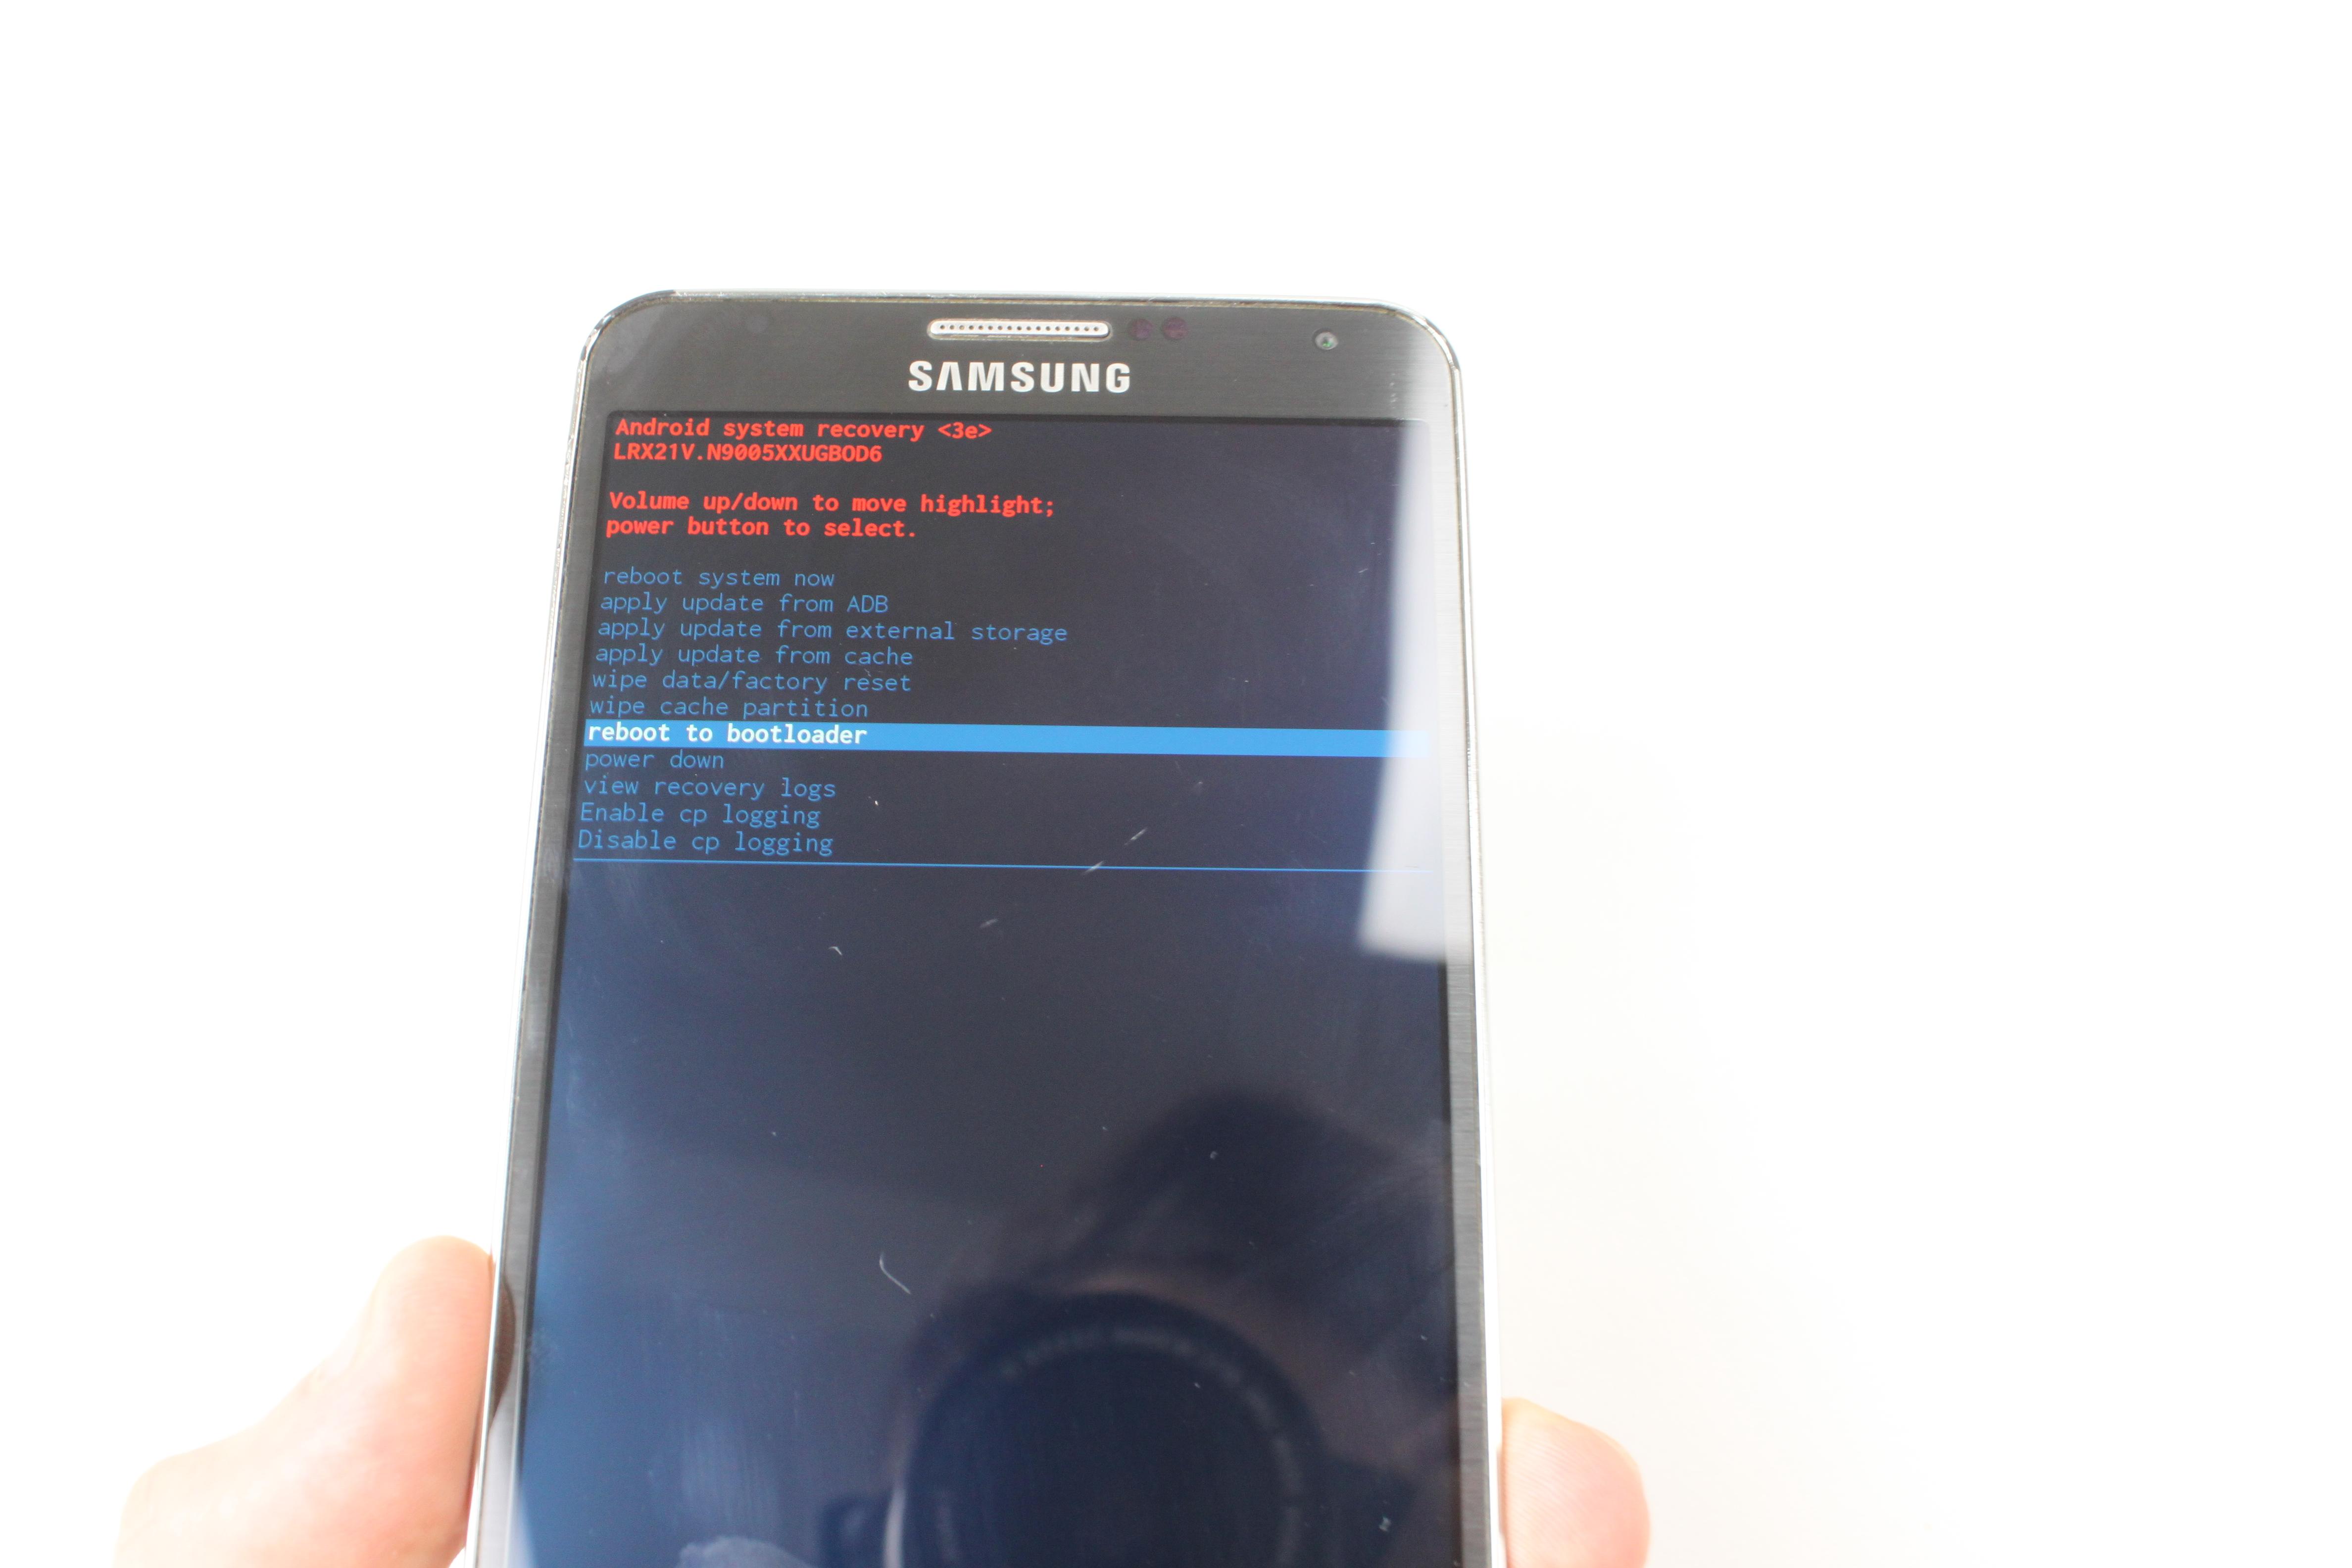 Tipp: So knacken Sie die Display-Sperre Ihres Android-Smartphones